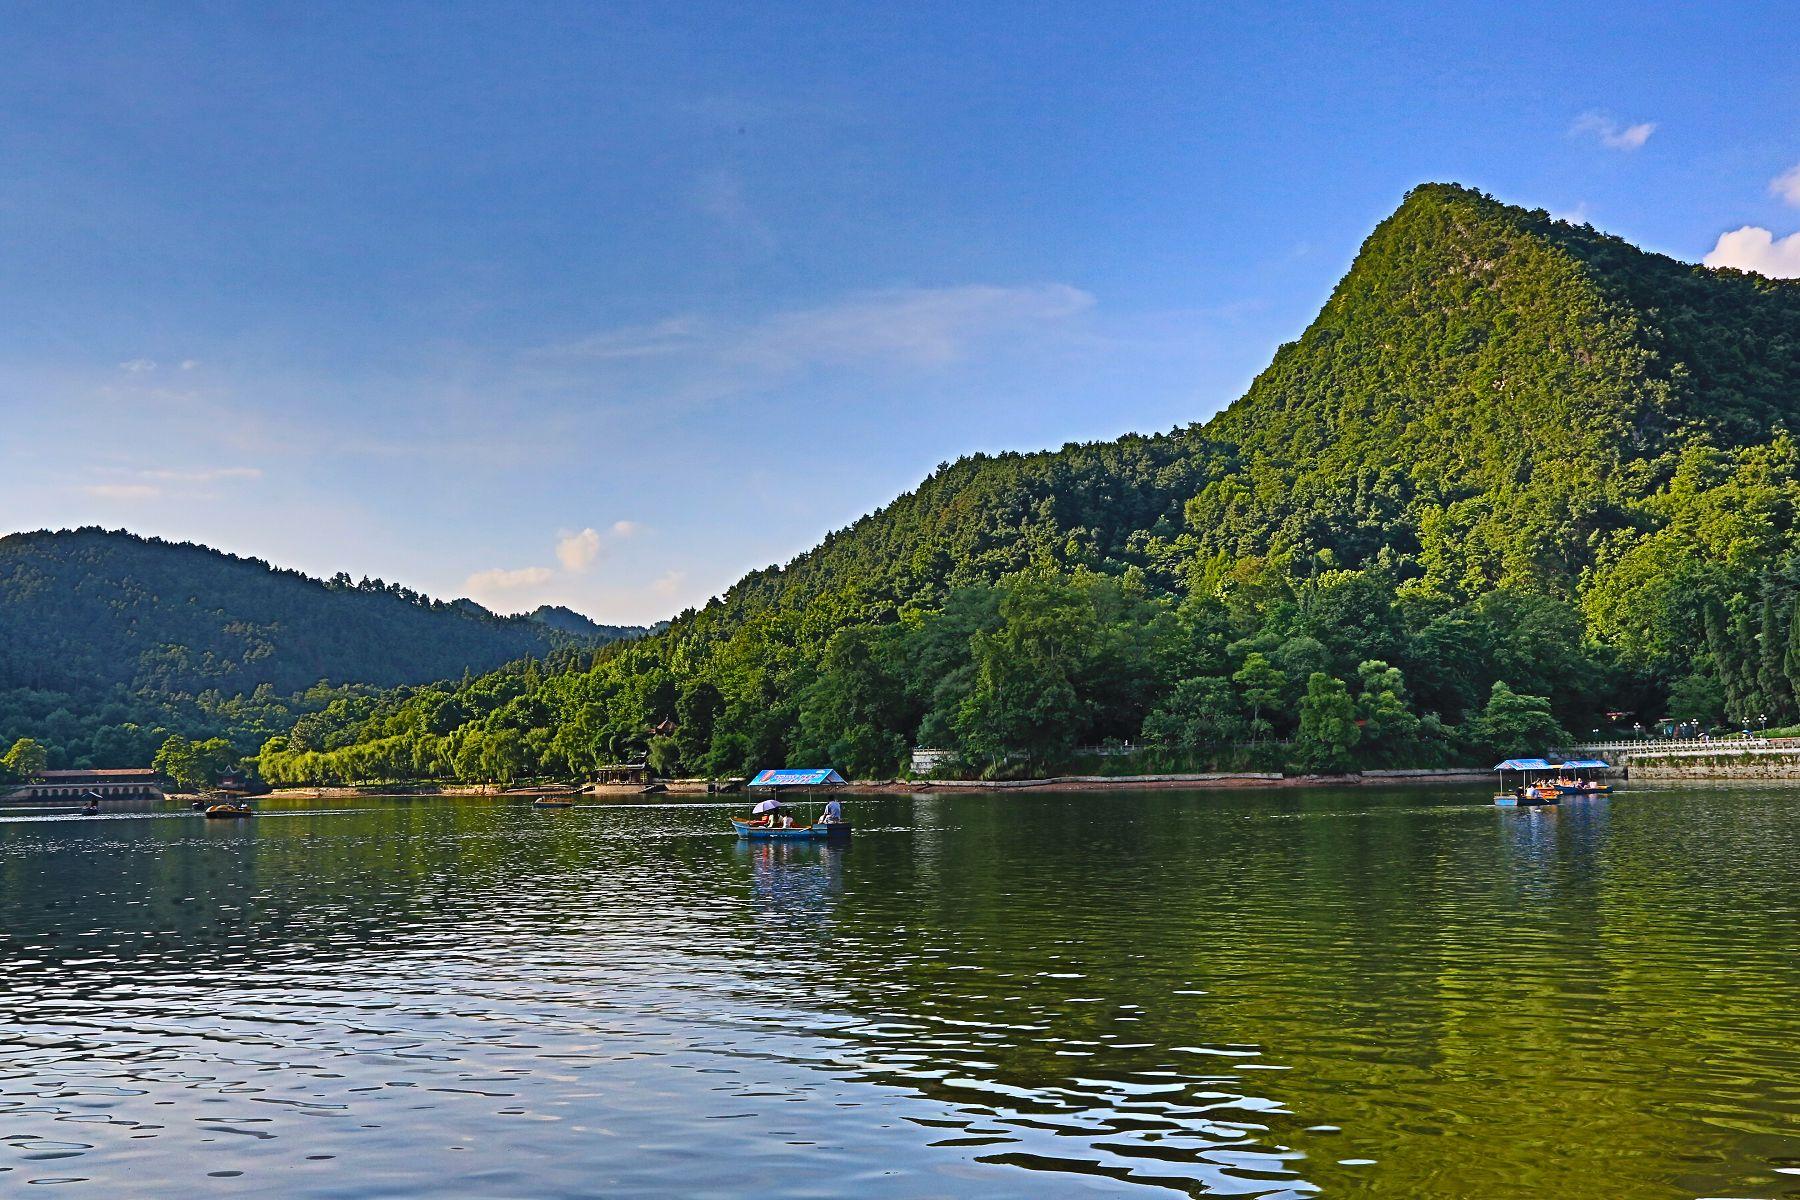 贵州东南西北四条旅游线路,浓缩就是精华